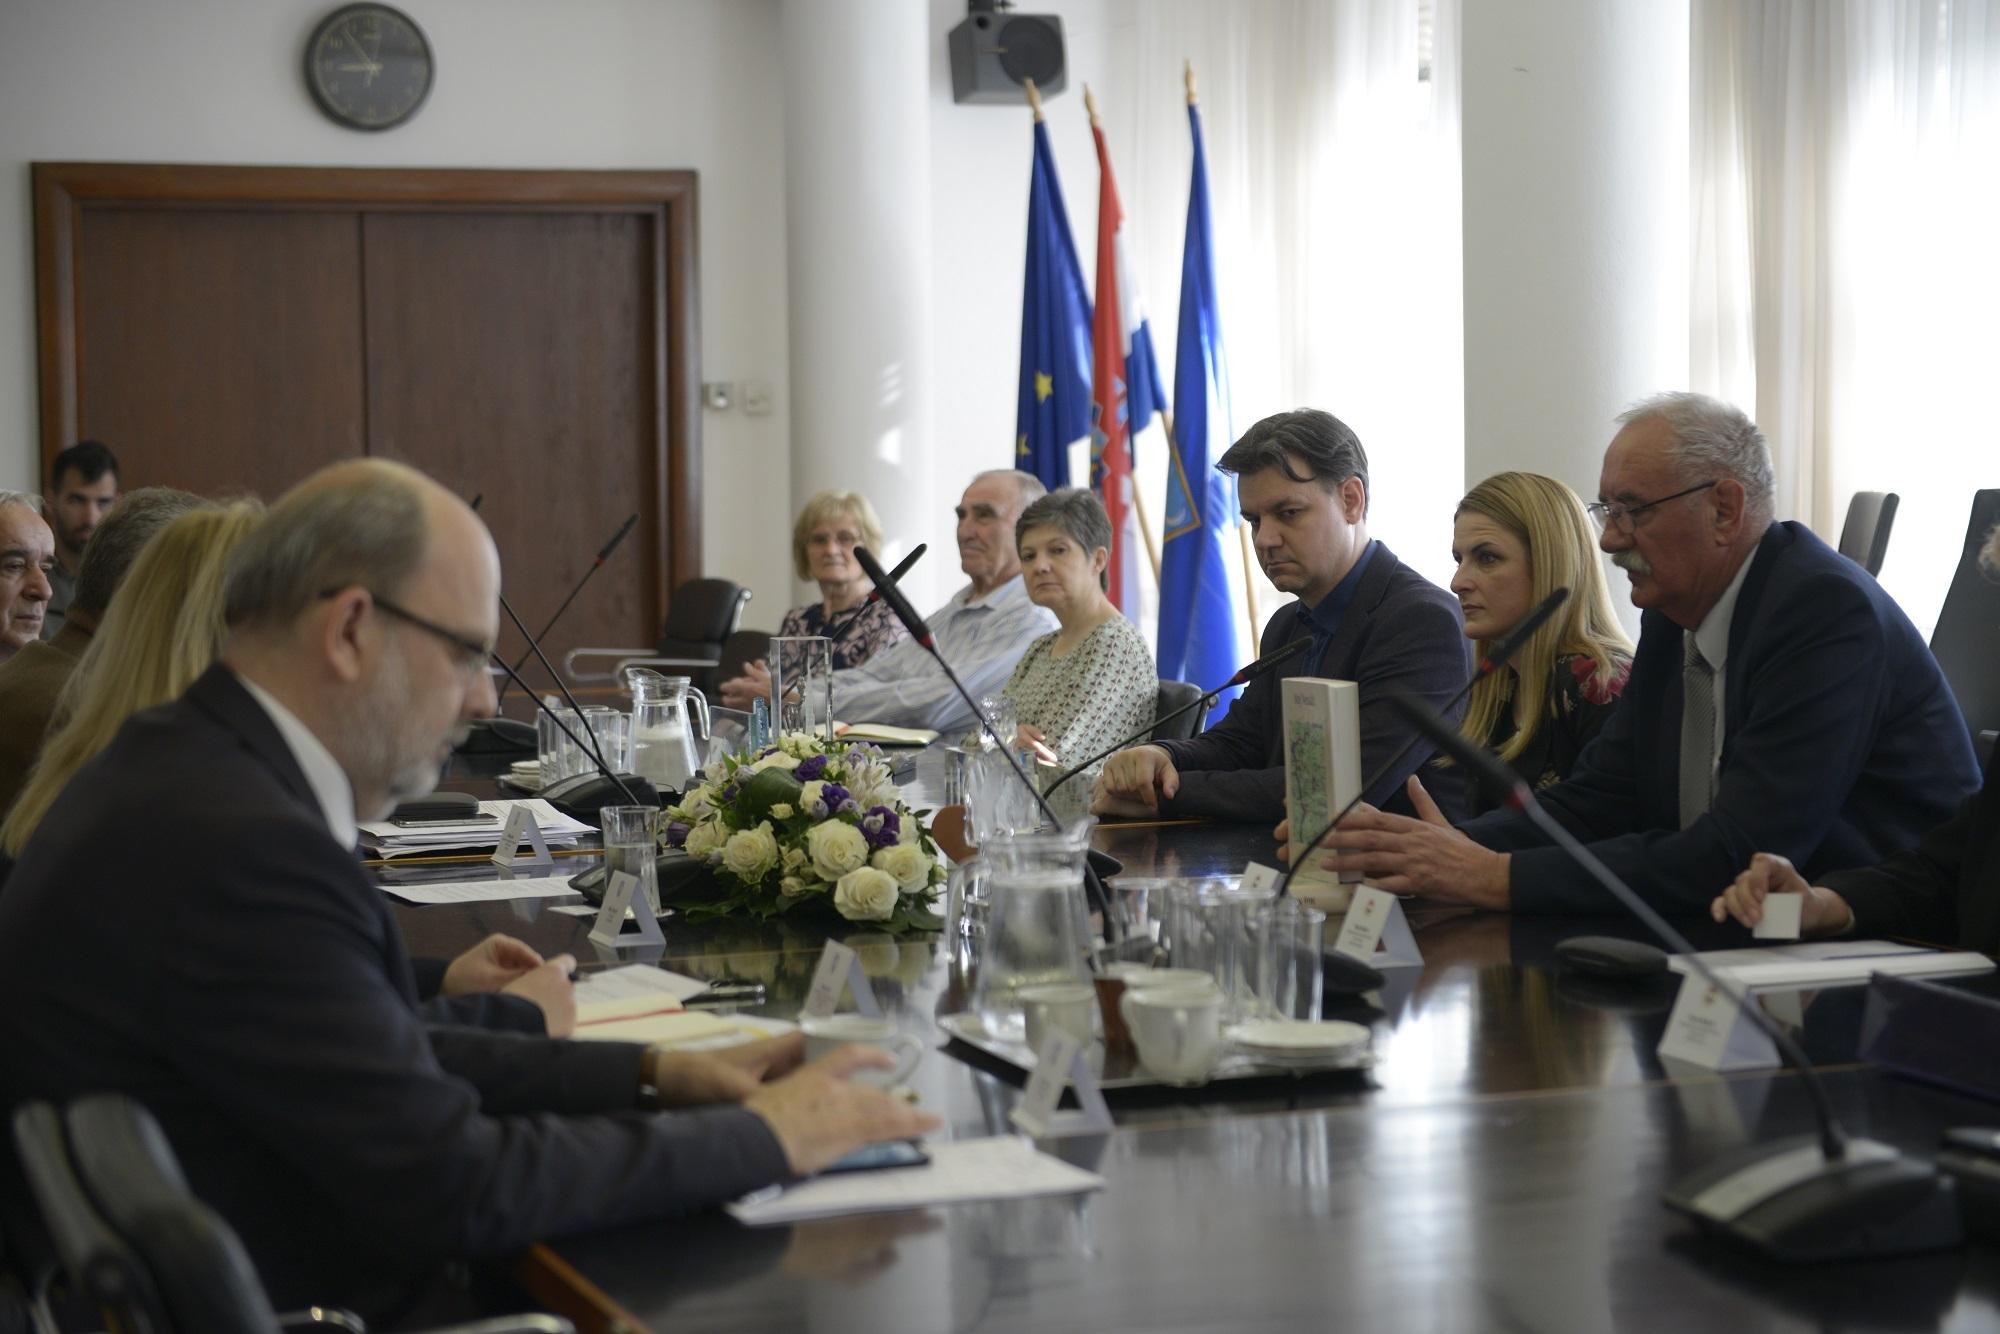 Градоначалница Душанка Голубовић је представила моделе подршке Града Сомбора удружењима која се баве културно-уметничким радом и очувањем традиције мањинских заједница